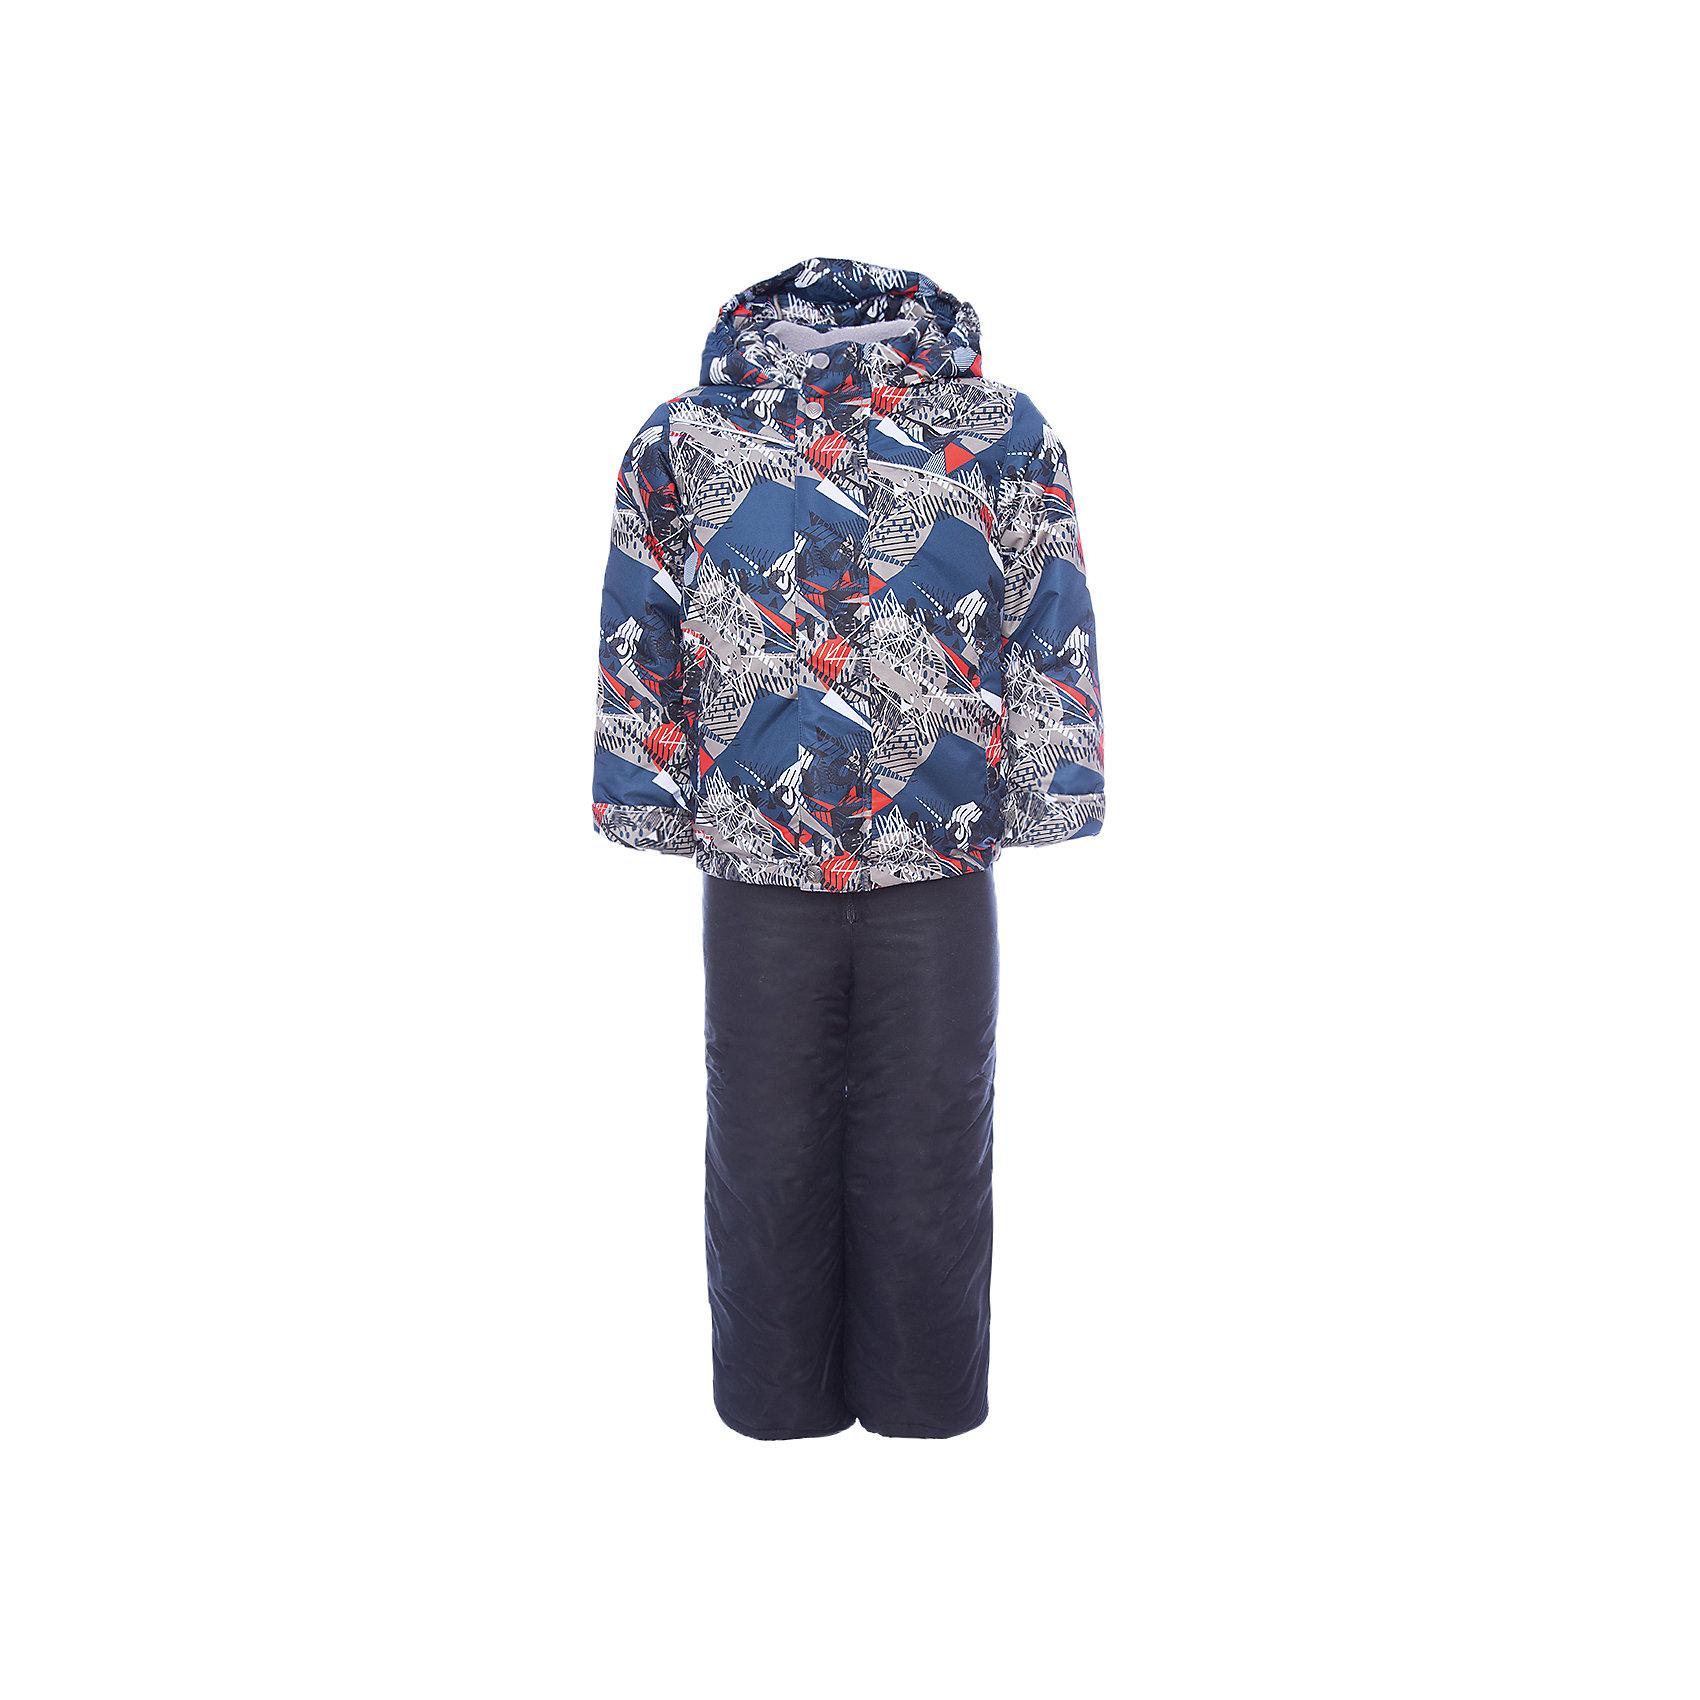 Комплект: куртка и полукомбинезон Альпик OLDOS для мальчикаВерхняя одежда<br>Характеристики товара:<br><br>• цвет: красный<br>• комплектация: куртка и полукомбинезон<br>• состав ткани: полиэстер<br>• подкладка: флис<br>• утеплитель: Hollofan <br>• сезон: зима<br>• мембранное покрытие<br>• температурный режим: от -30 до 0<br>• водонепроницаемость: 3000 мм <br>• паропроницаемость: 3000 г/м2<br>• плотность утеплителя: куртка - 300 г/м2, полукомбинезон - 150 г/м2<br>• застежка: молния<br>• капюшон: без меха, несъемный<br>• страна бренда: Россия<br>• страна изготовитель: Россия<br><br>Мембранный комплект для мальчика отлично подходит для суровой русской зимы. Подкладка зимнего комплекта комбинированная: флис и гладкий полиэстер. Так комплект для ребенка легче надевать. Зимний комплект для мальчика дополнен элементами, помогающими скорректировать размер точно под ребенка. <br><br>Комплект: куртка и полукомбинезон Альпик Oldos (Олдос) для мальчика можно купить в нашем интернет-магазине.<br><br>Ширина мм: 356<br>Глубина мм: 10<br>Высота мм: 245<br>Вес г: 519<br>Цвет: красный<br>Возраст от месяцев: 96<br>Возраст до месяцев: 108<br>Пол: Мужской<br>Возраст: Детский<br>Размер: 134,92,98,104,110,116,122,128<br>SKU: 7016508